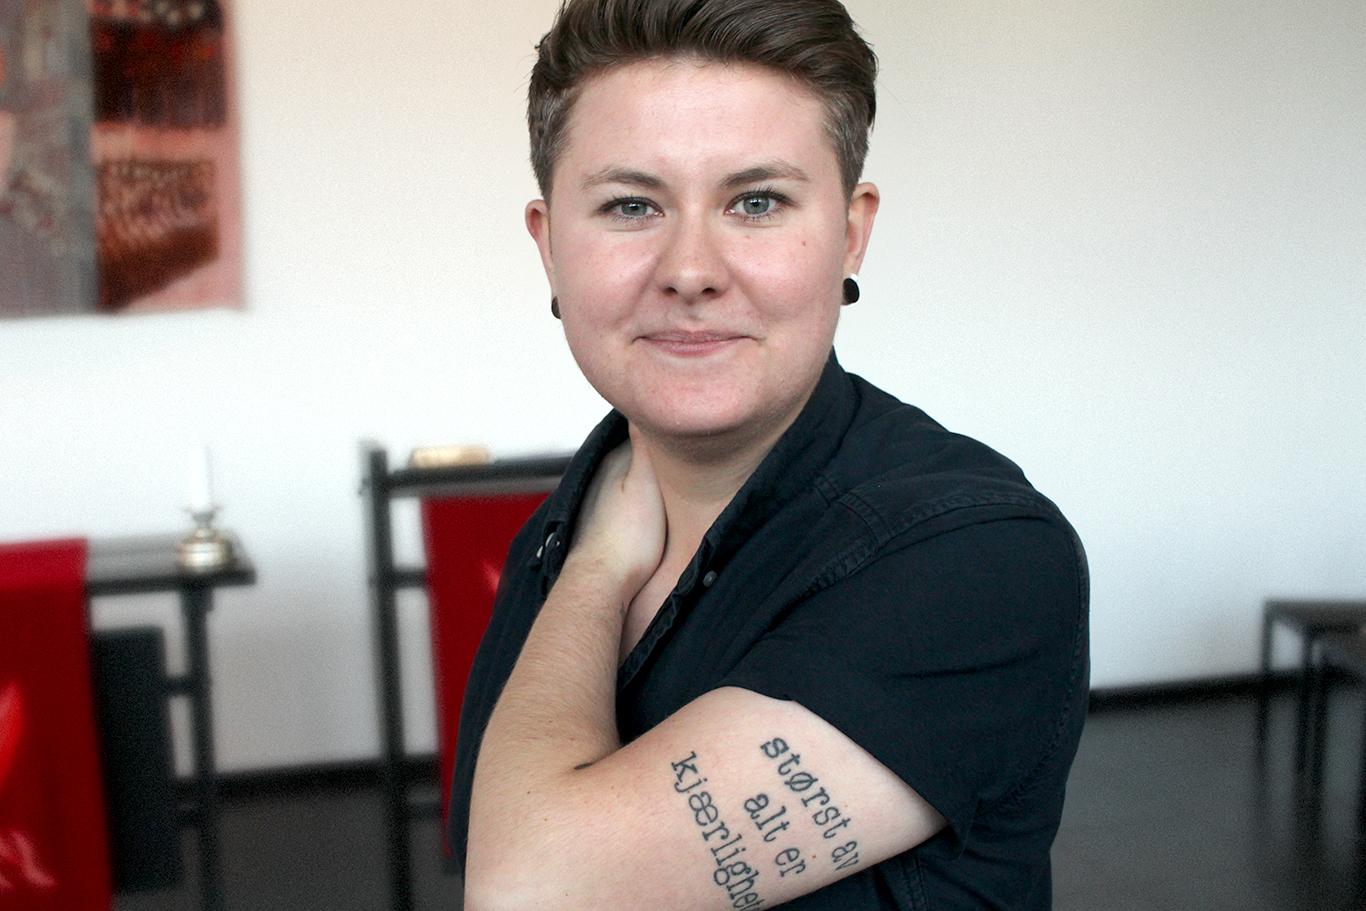 Rebekka Sirevåg Thomassen